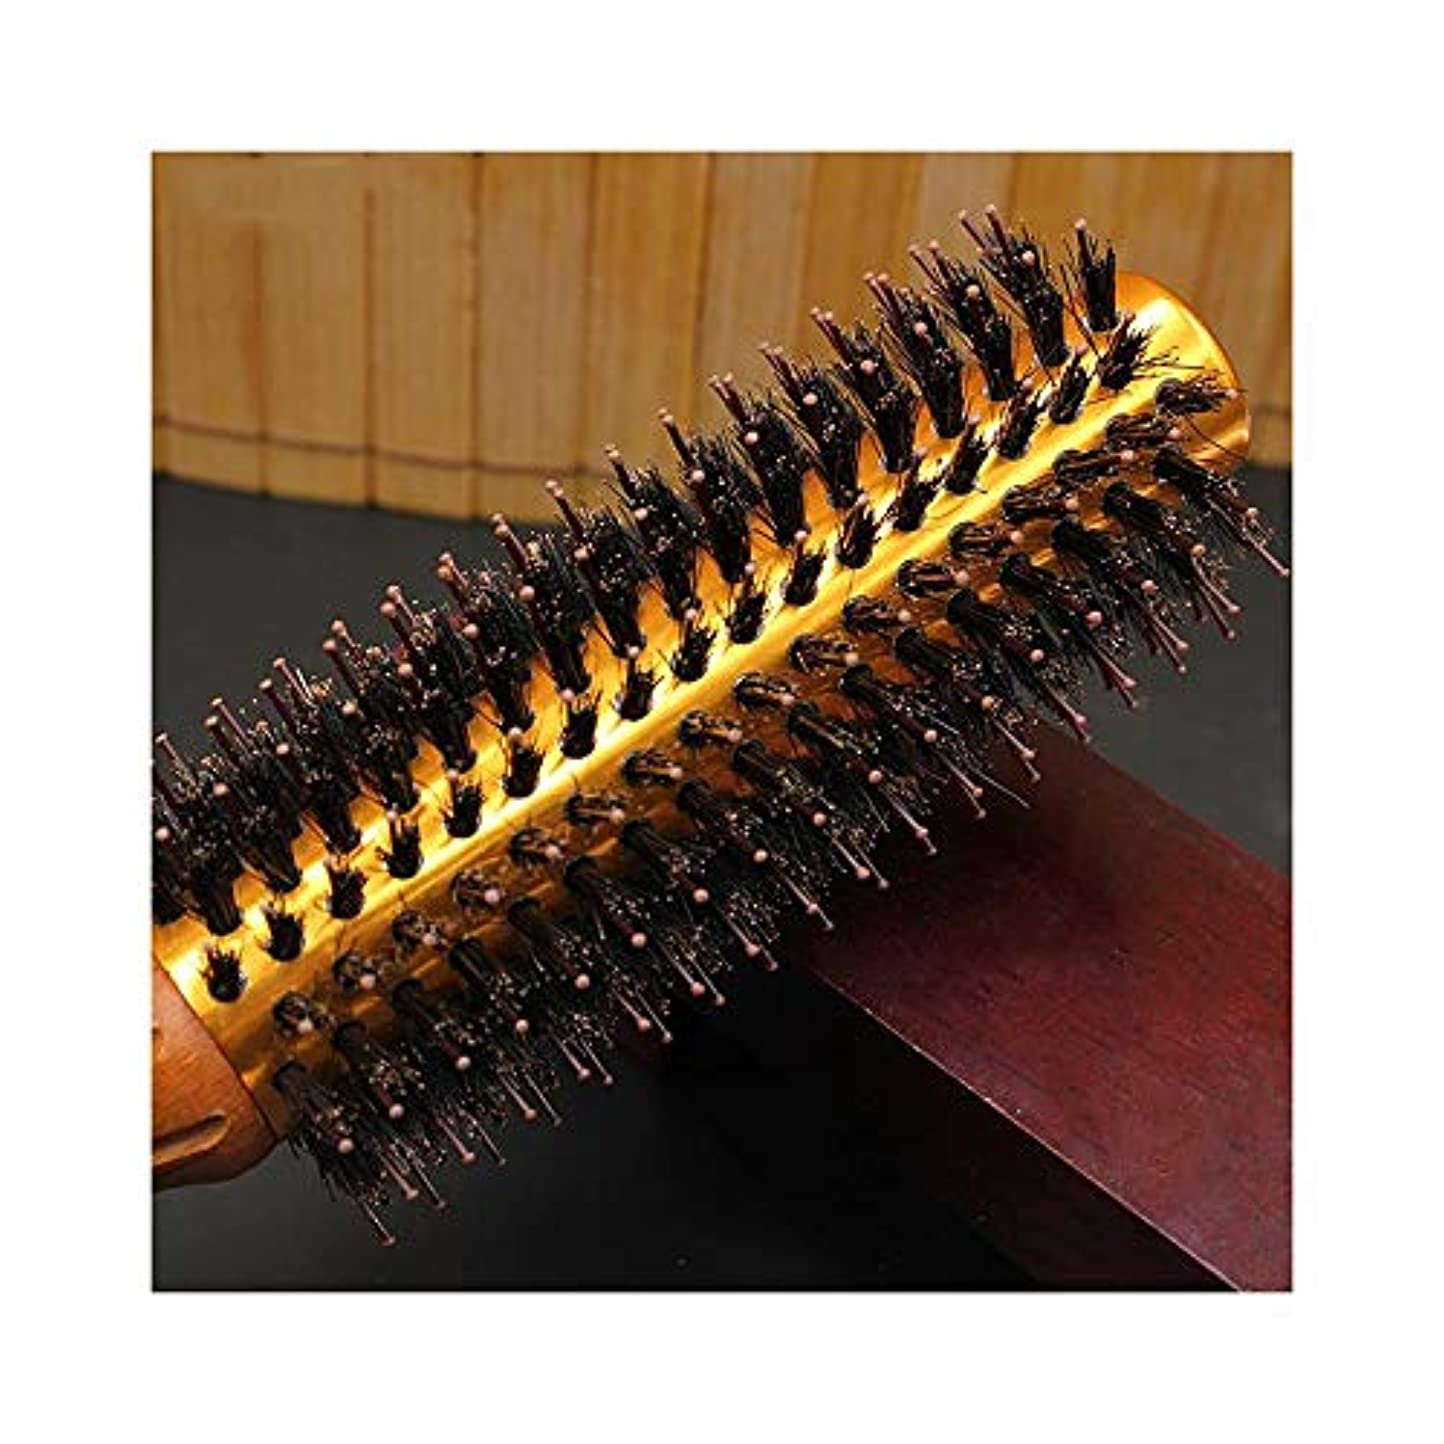 有害なあたたかい補体Fashianヘアブラシラウンドは、ヘアスタイリングのためのナイロンプロフェッショナル櫛でドライ自然絵筆Burshフェラ ヘアケア (サイズ : S)